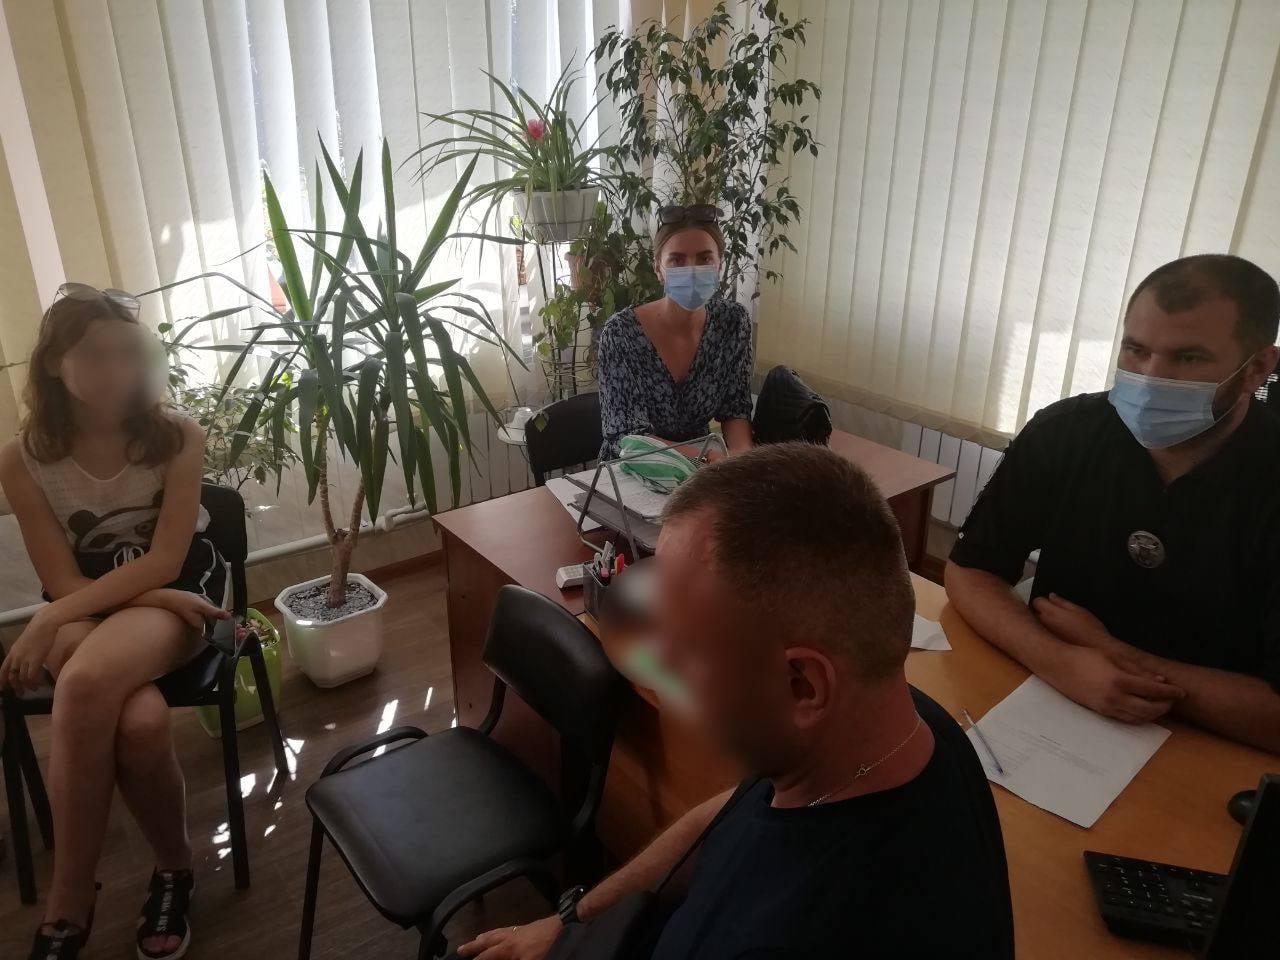 На Харьковщине трое подростков пошли на преступление ради популярности. ФОТО | Первая Столица Харьков